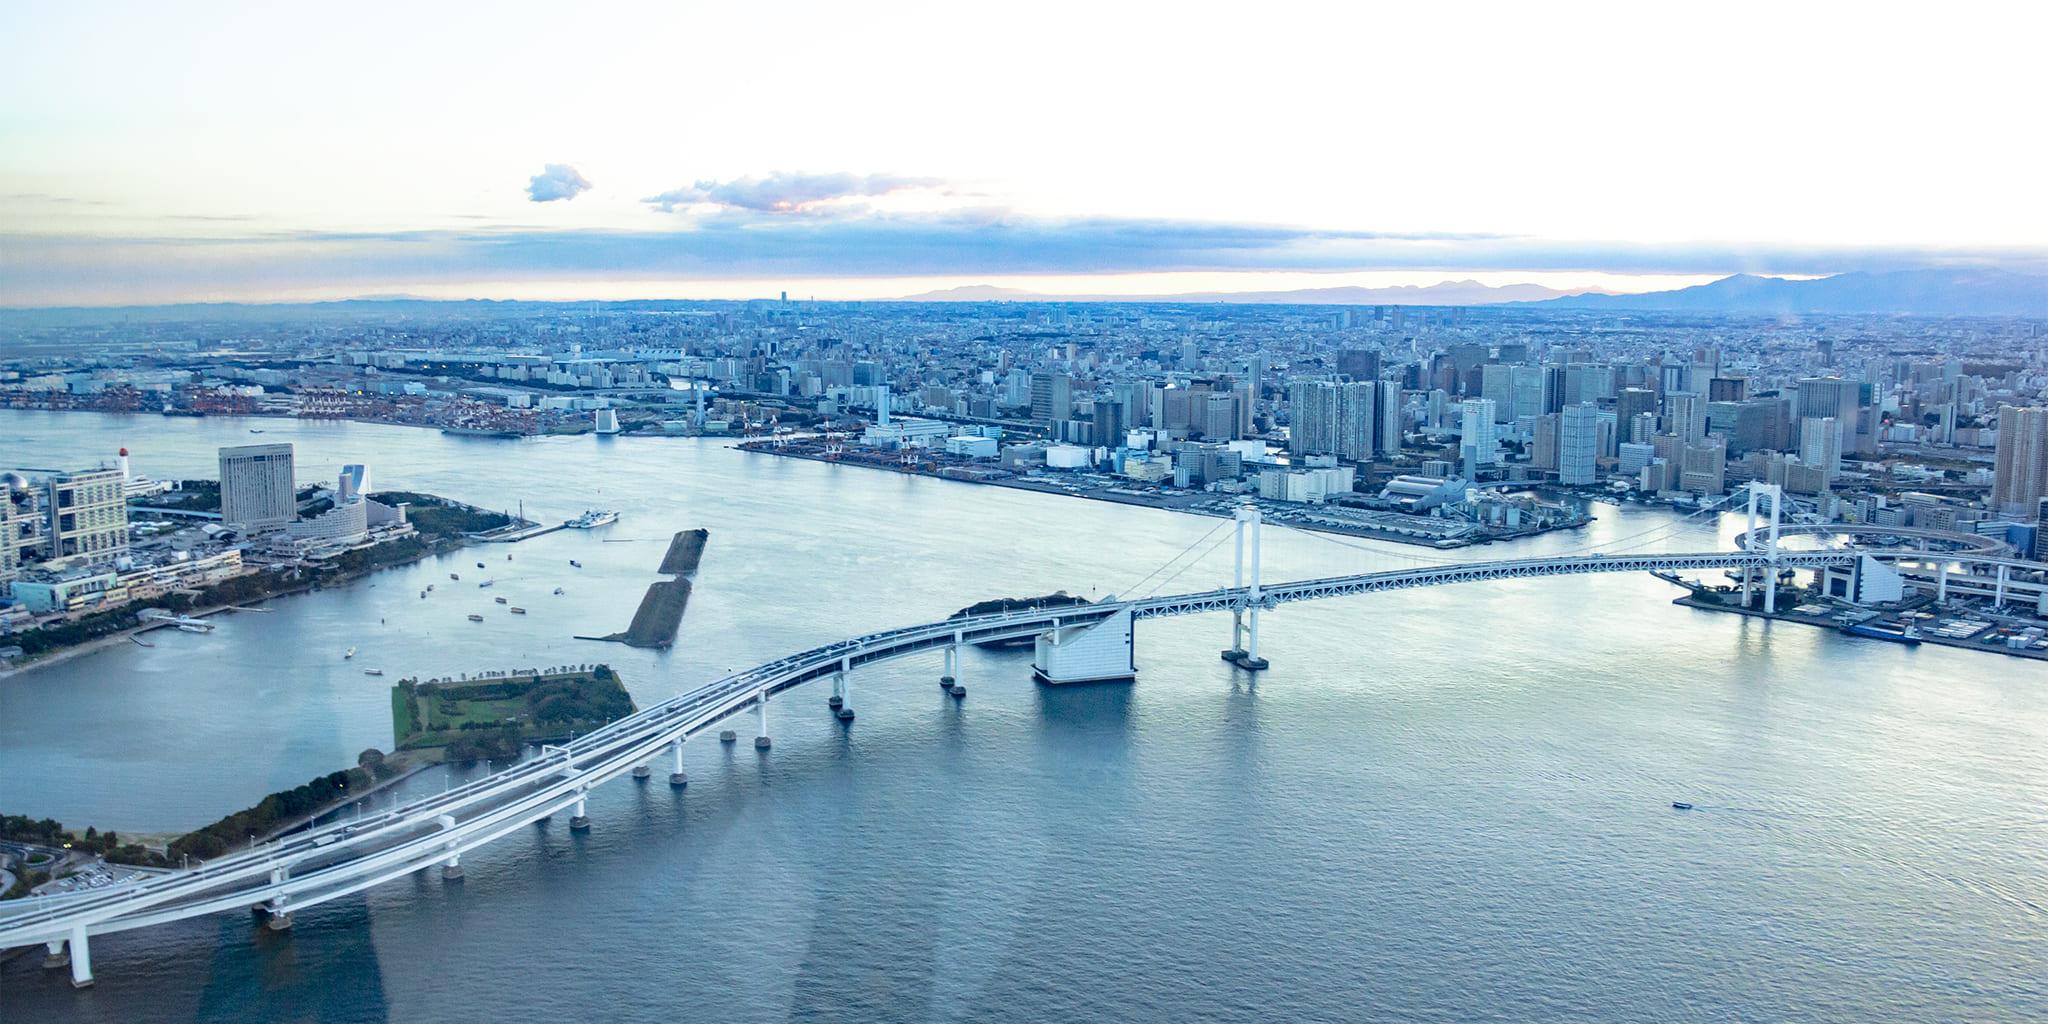 ヘリコプターで東京上空をフライトして見えるレインボーブリッジ